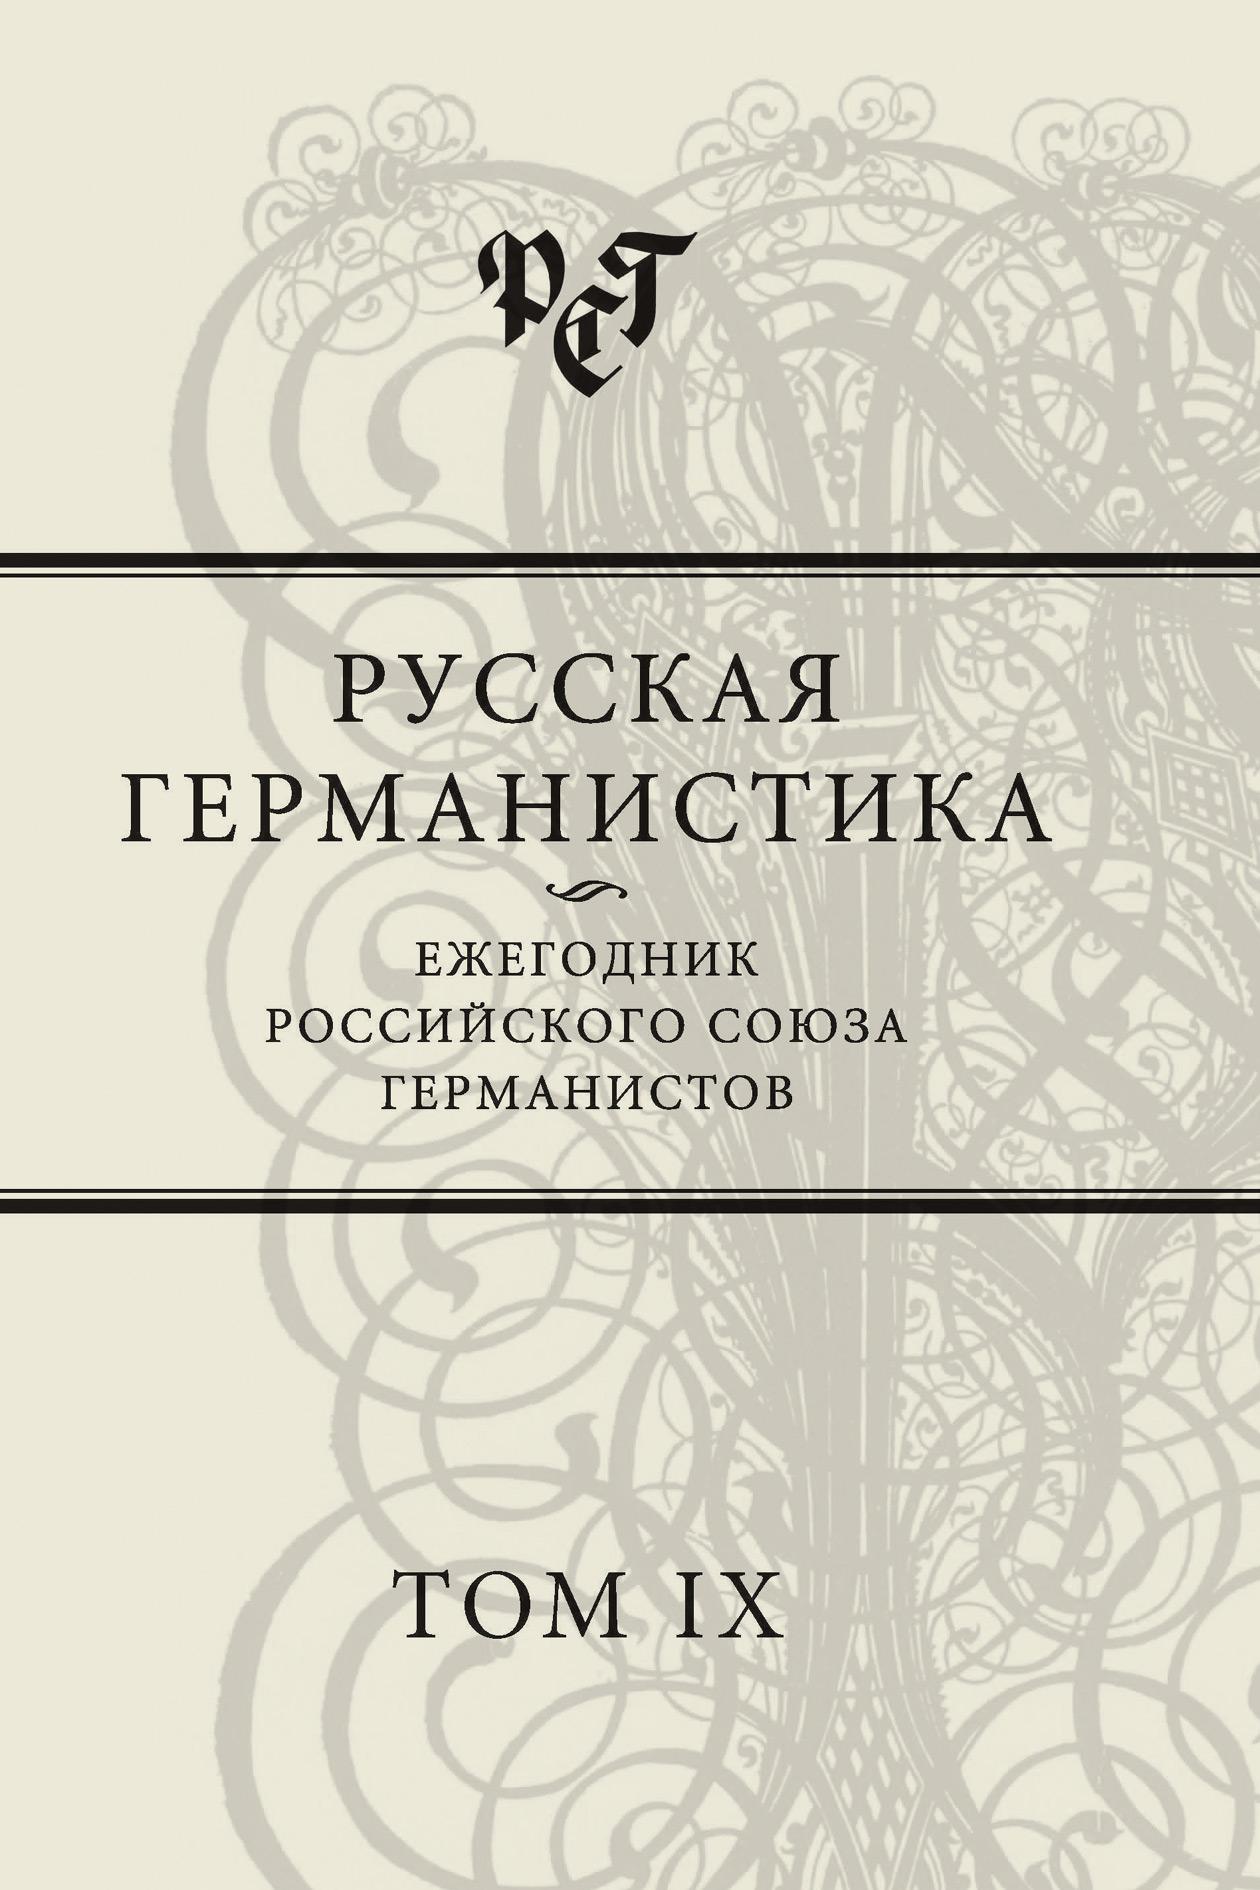 Русская германистика. Ежегодник Российского союза германистов. Том IX